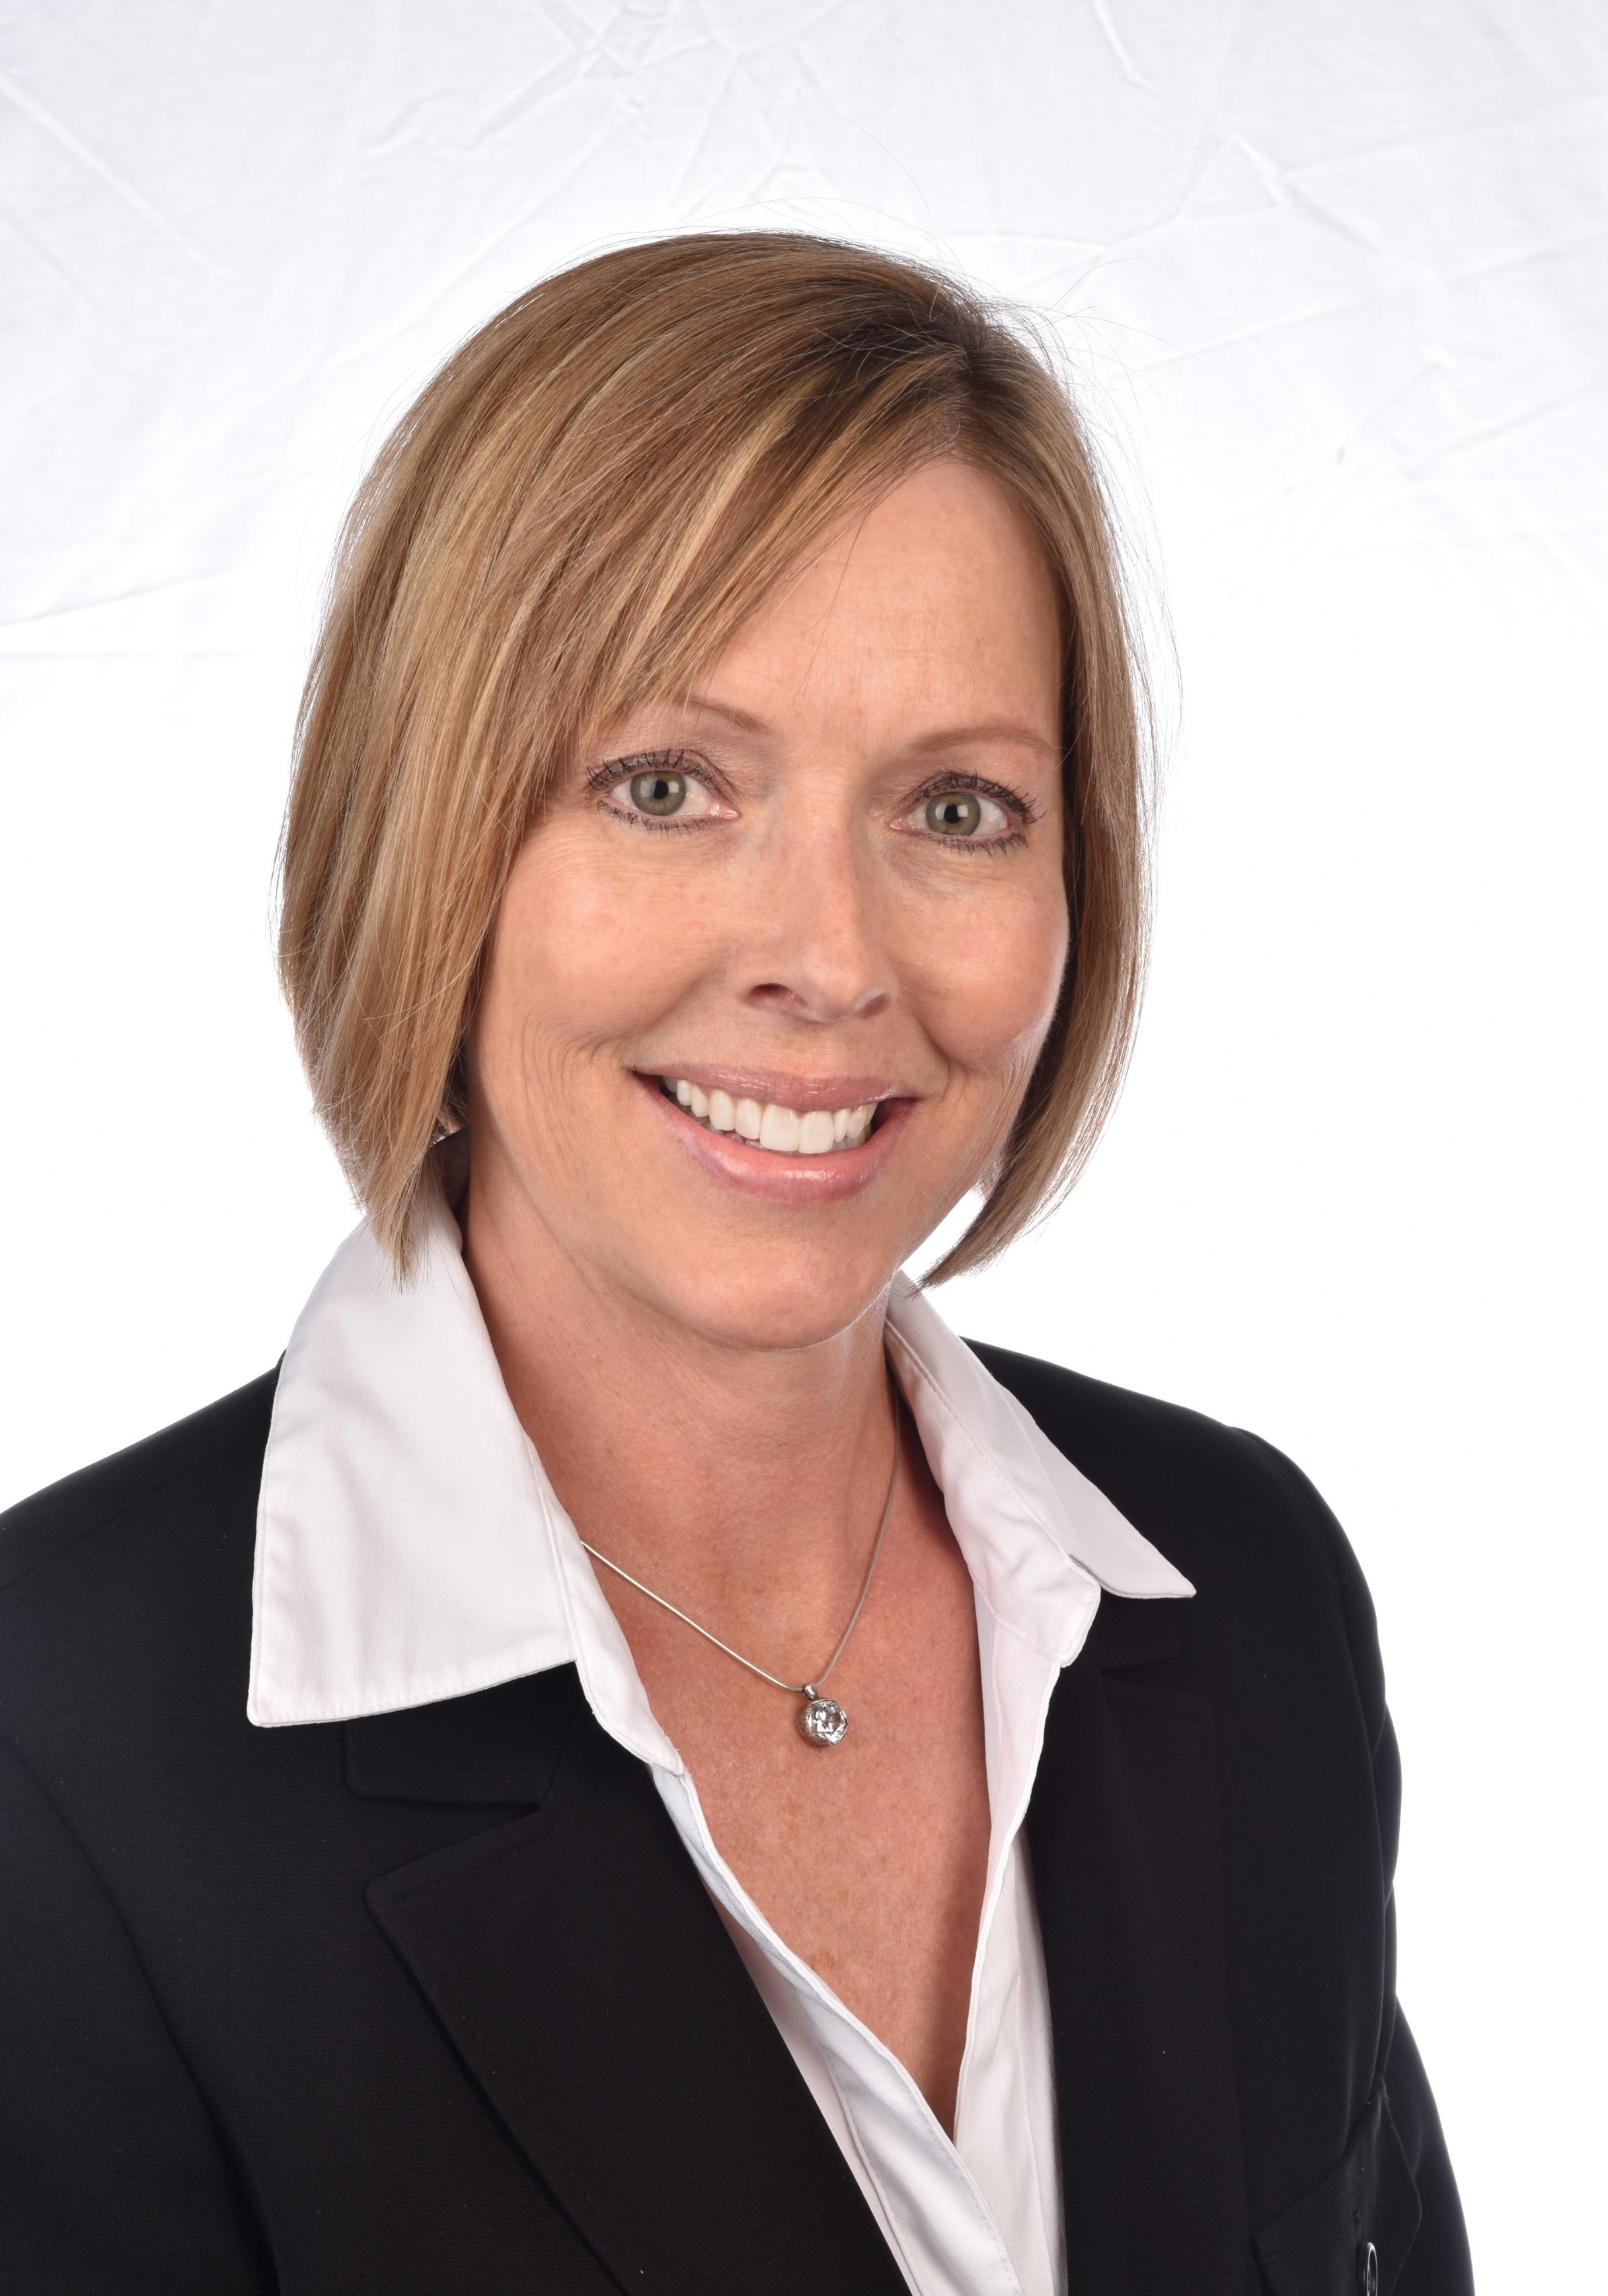 Denise Eckardt